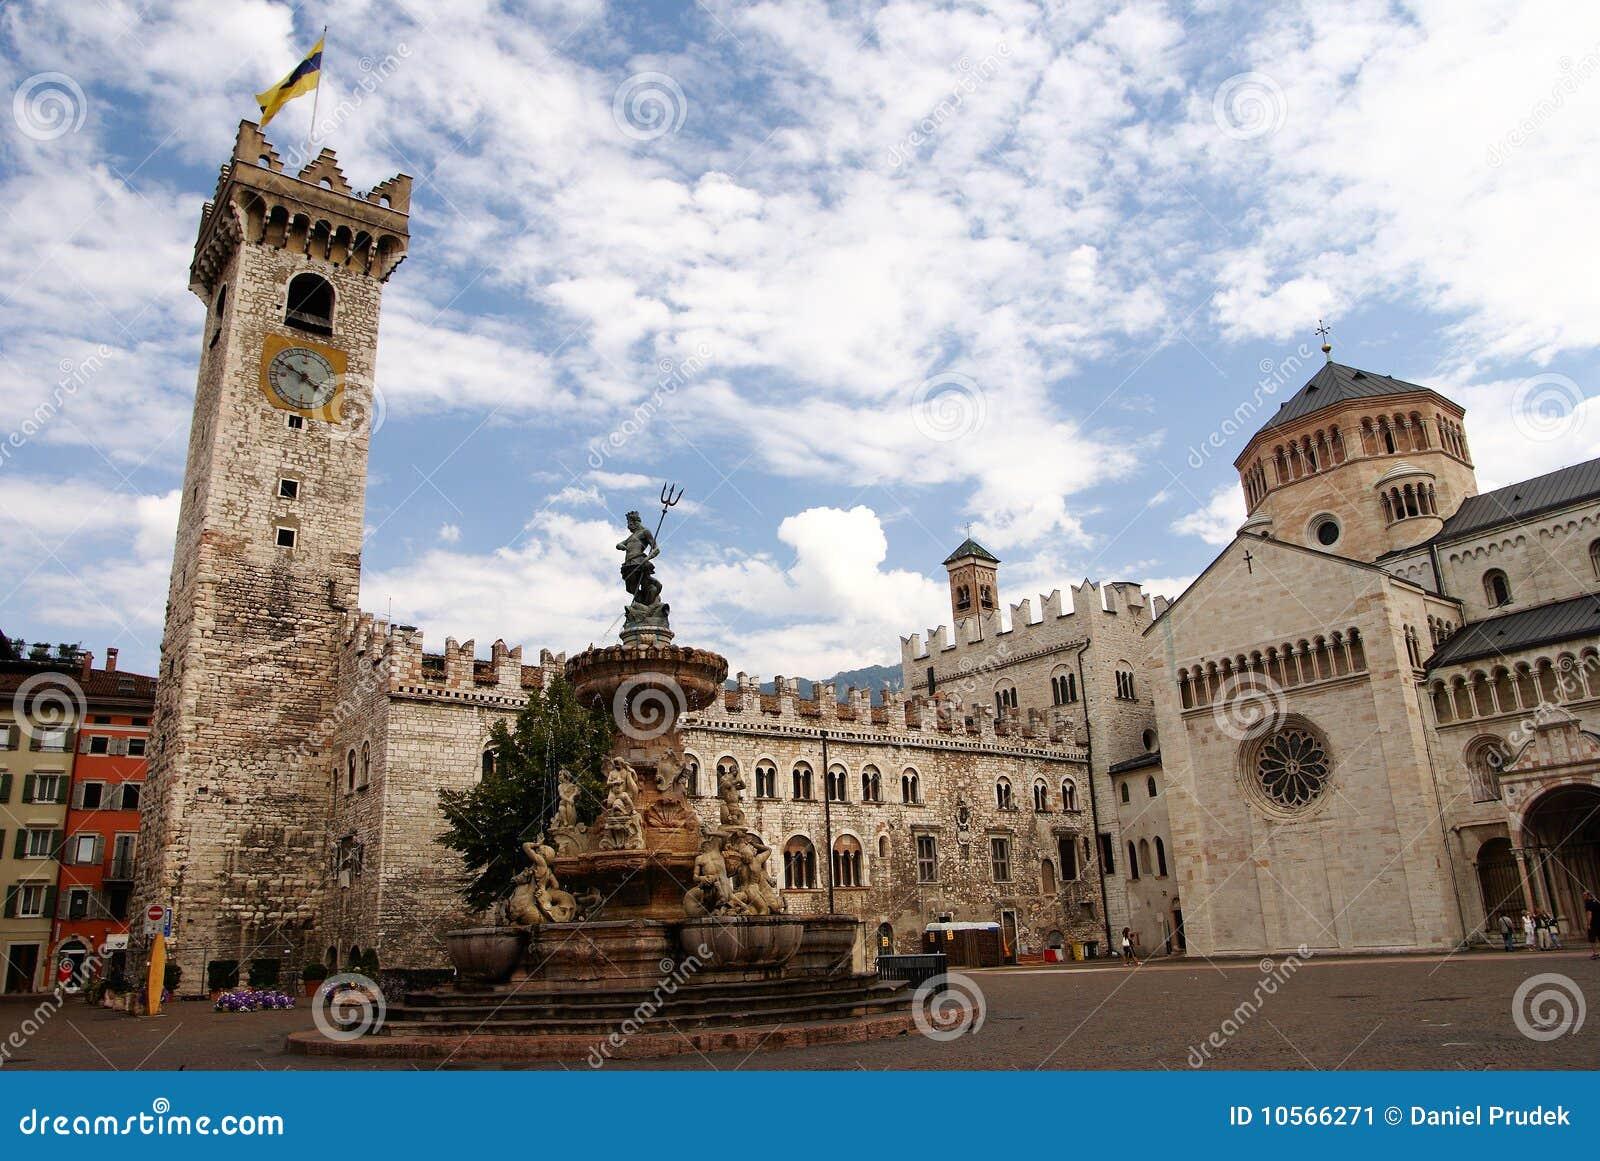 Castellammare del golfo sicily italy stock photo image 48782909 - Duomo Della Piazza Con Il Torre Civica Trento Italia Immagine Stock